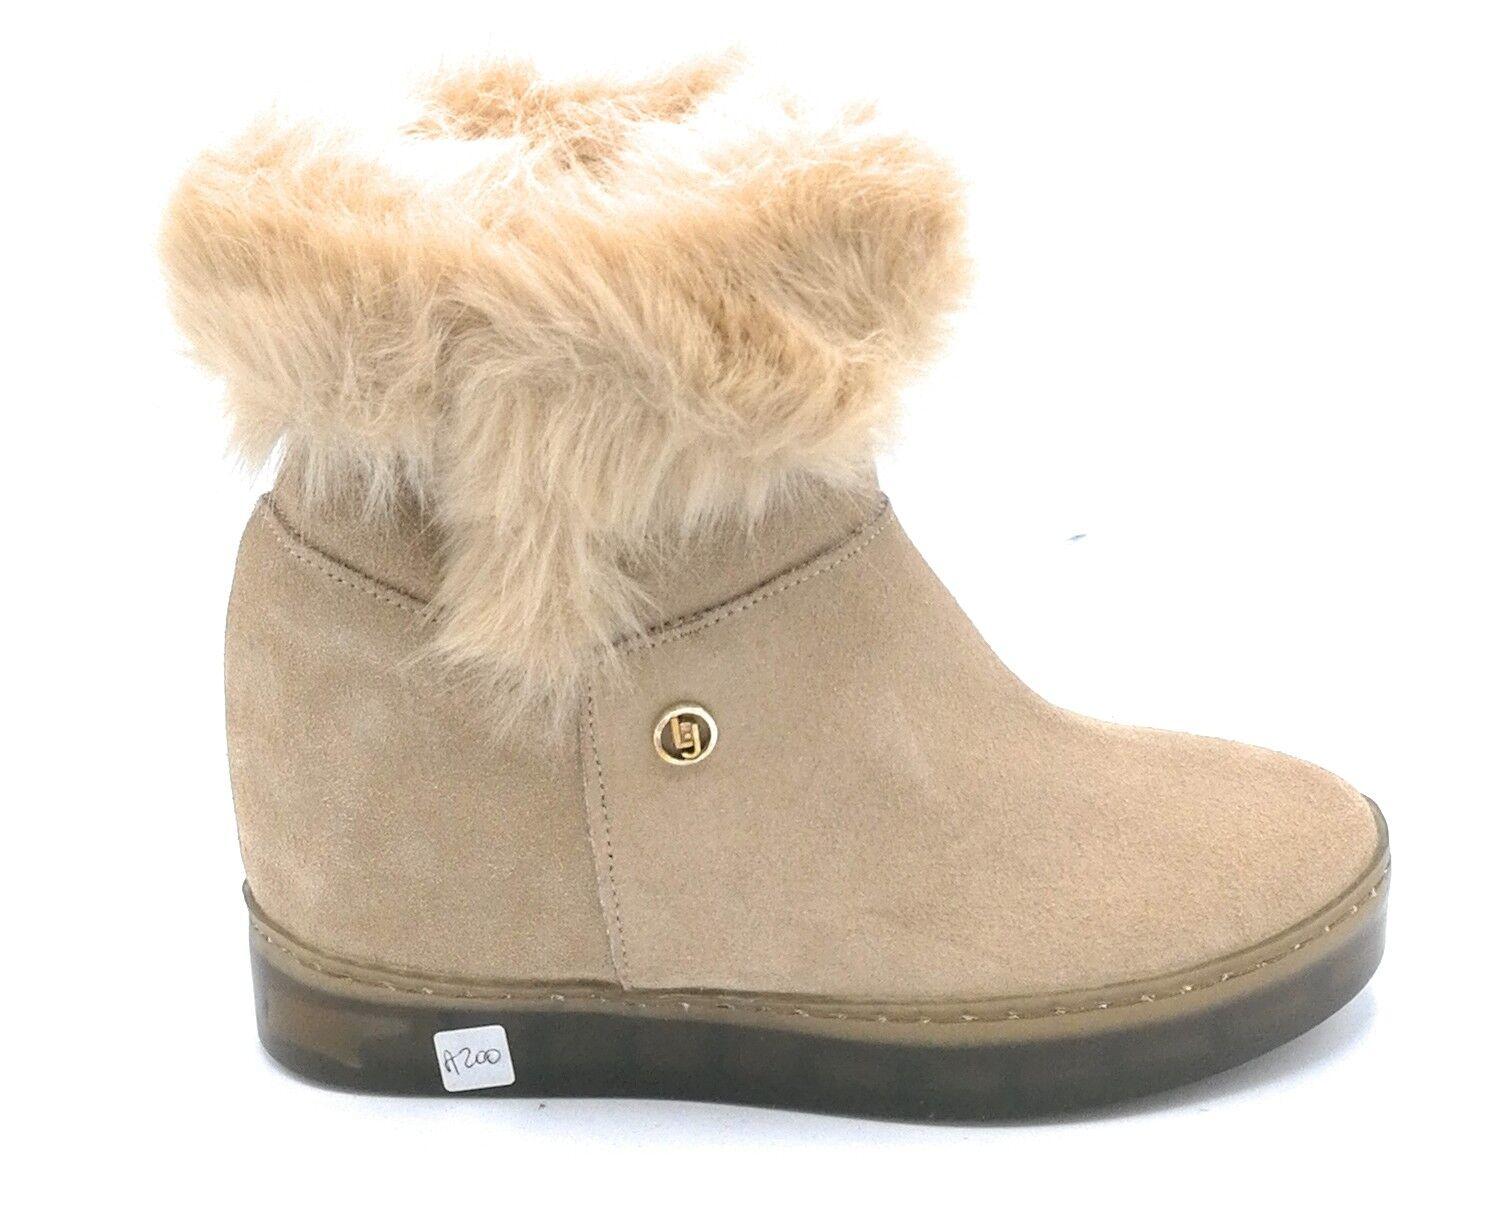 Liu Jo olivia 67231 ankle boot sneakers sneakers sneakers suede camel hem hair wedge a3acd5